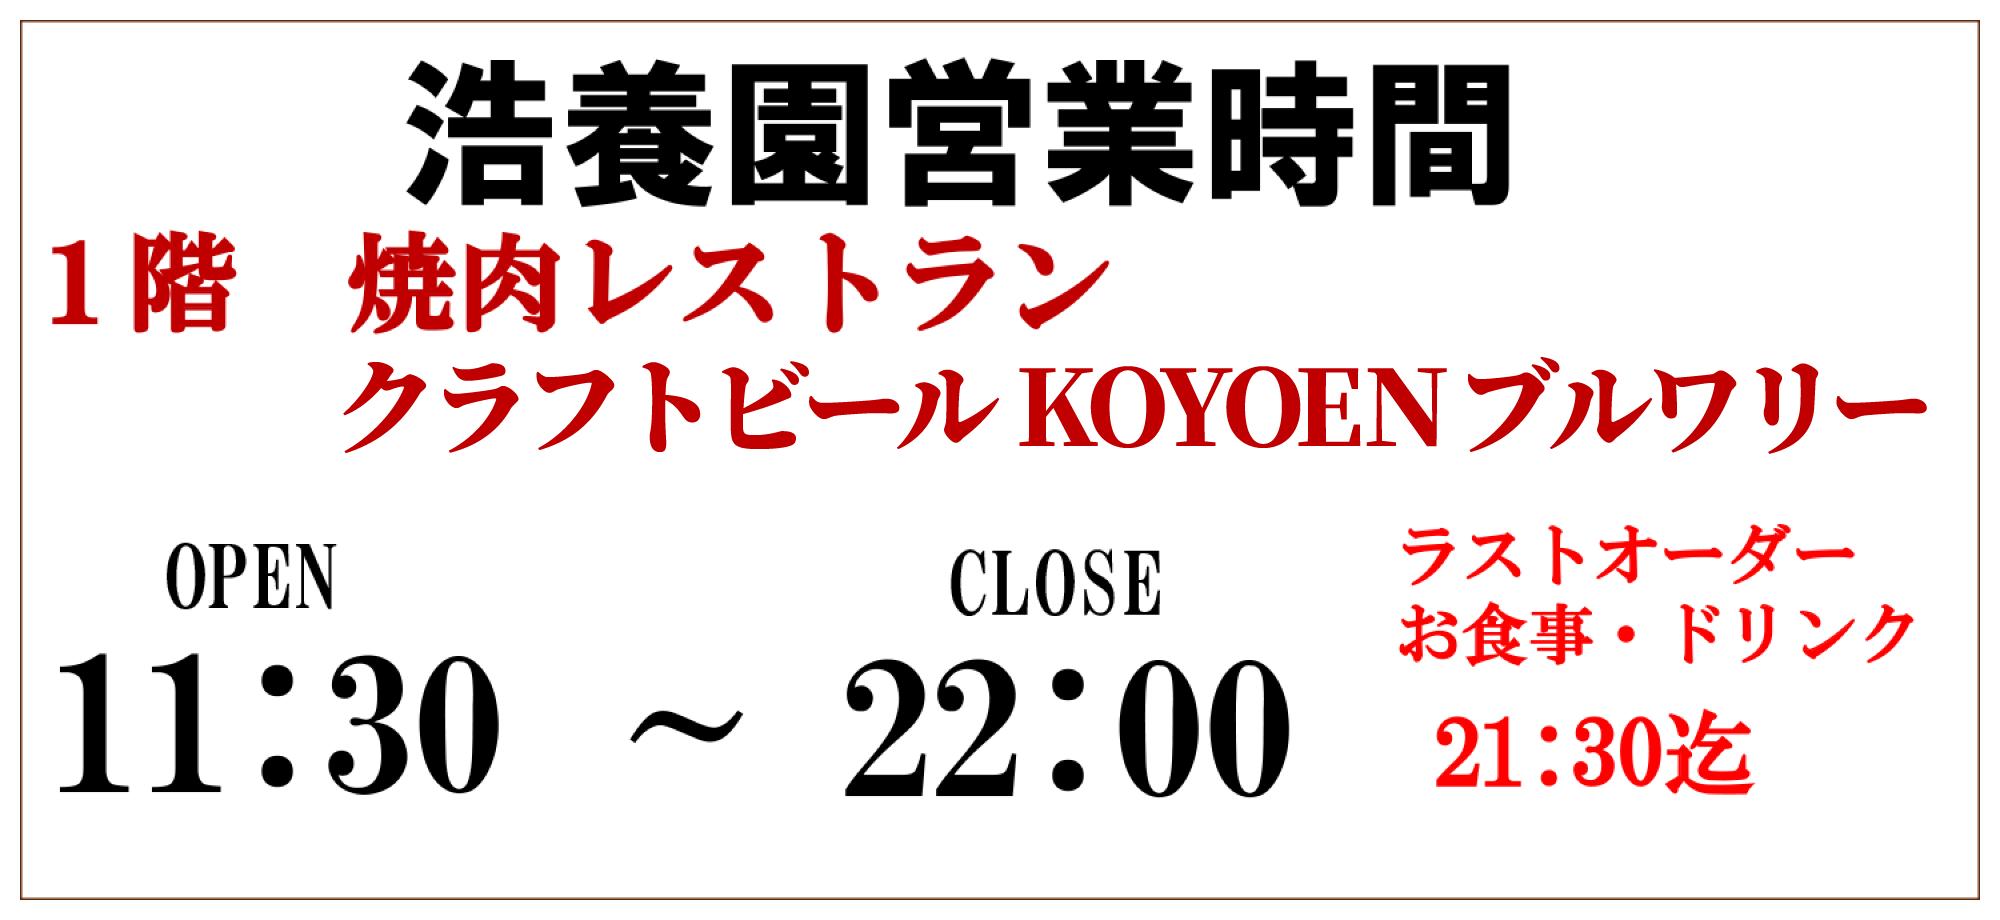 2020 名古屋 ビアガーデン